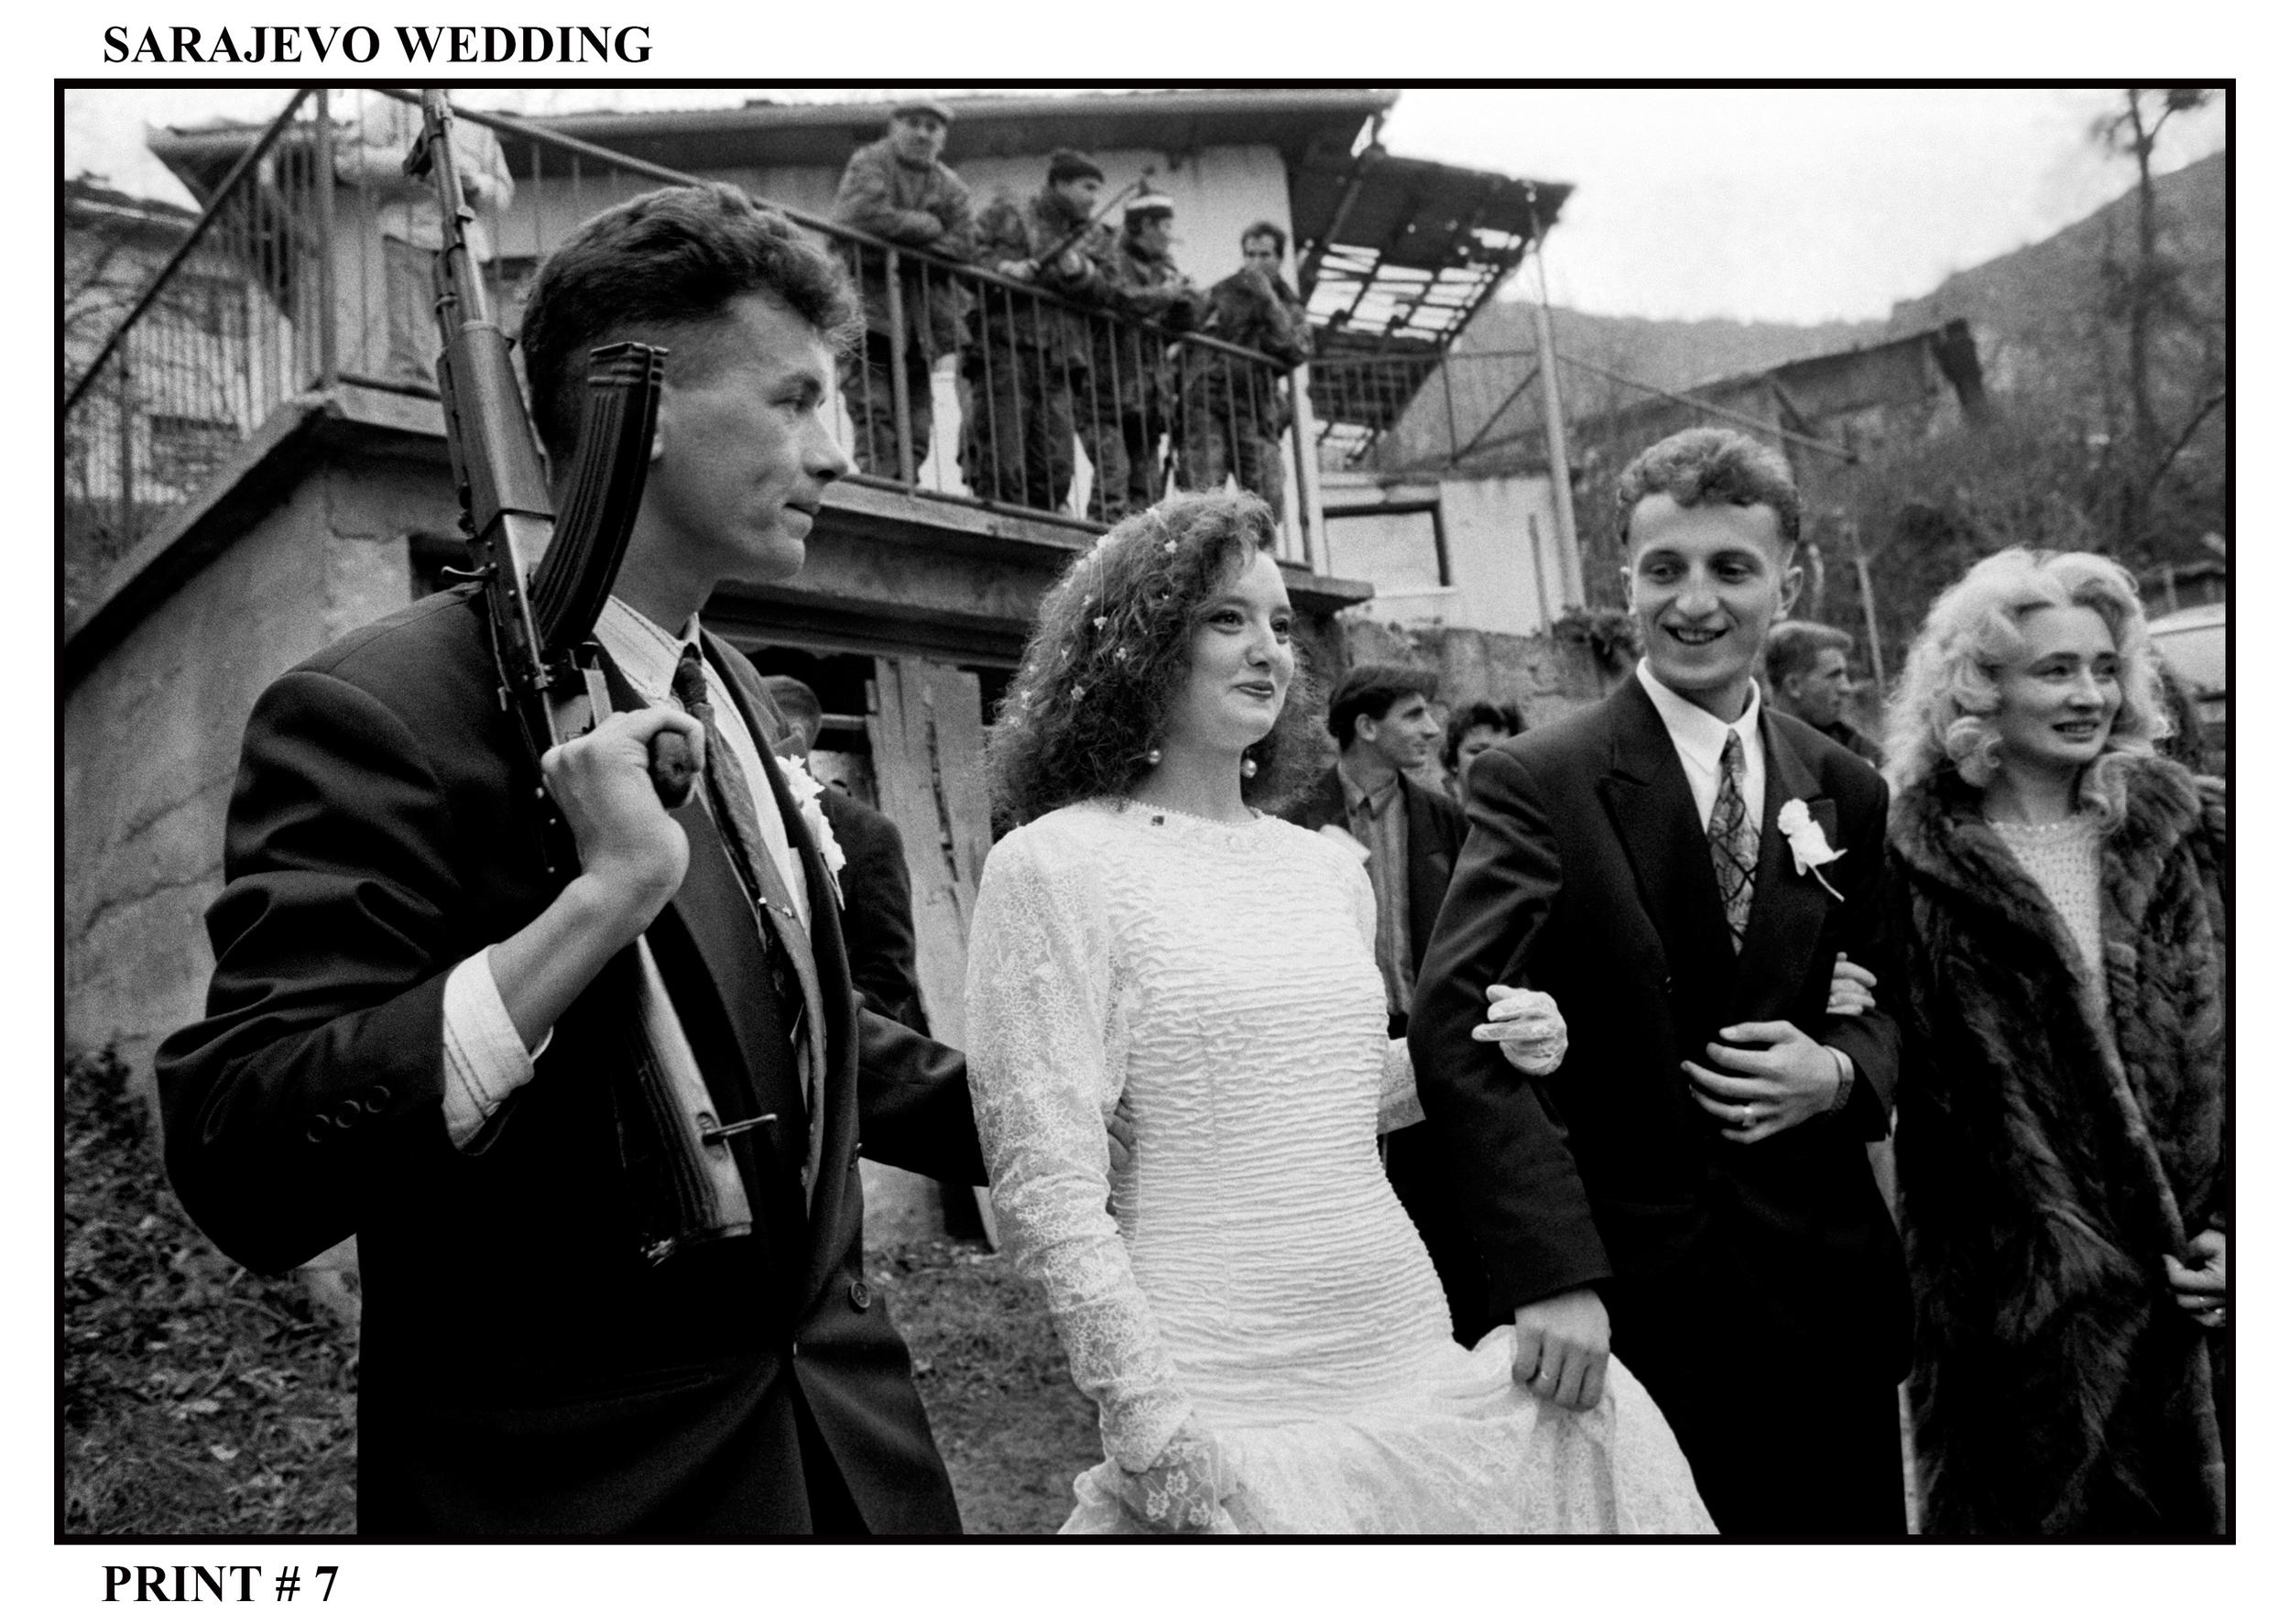 007SARAJEVO WEDDING copy.jpg